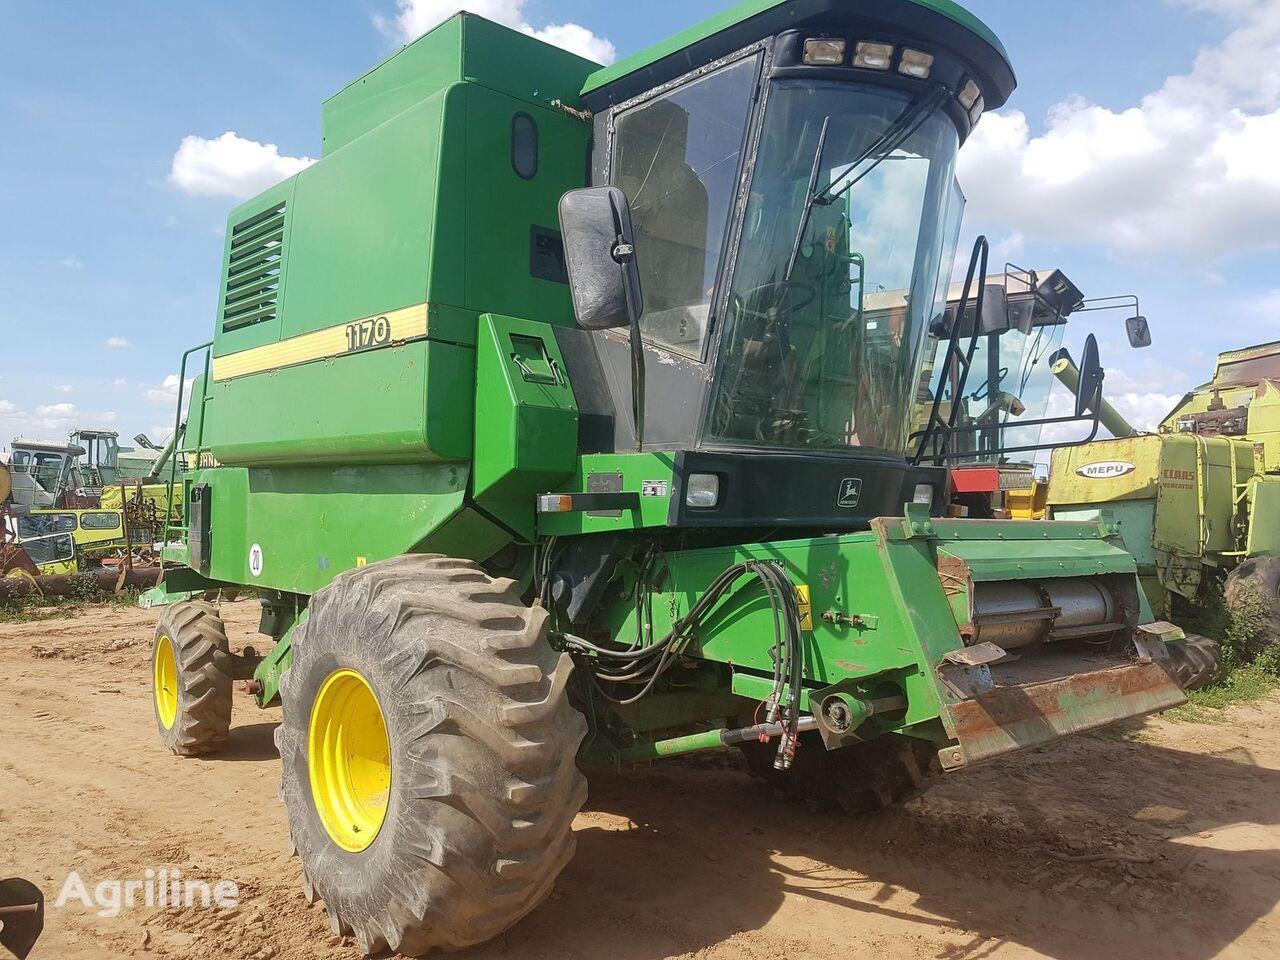 JOHN DEERE 1170 grain harvester for parts